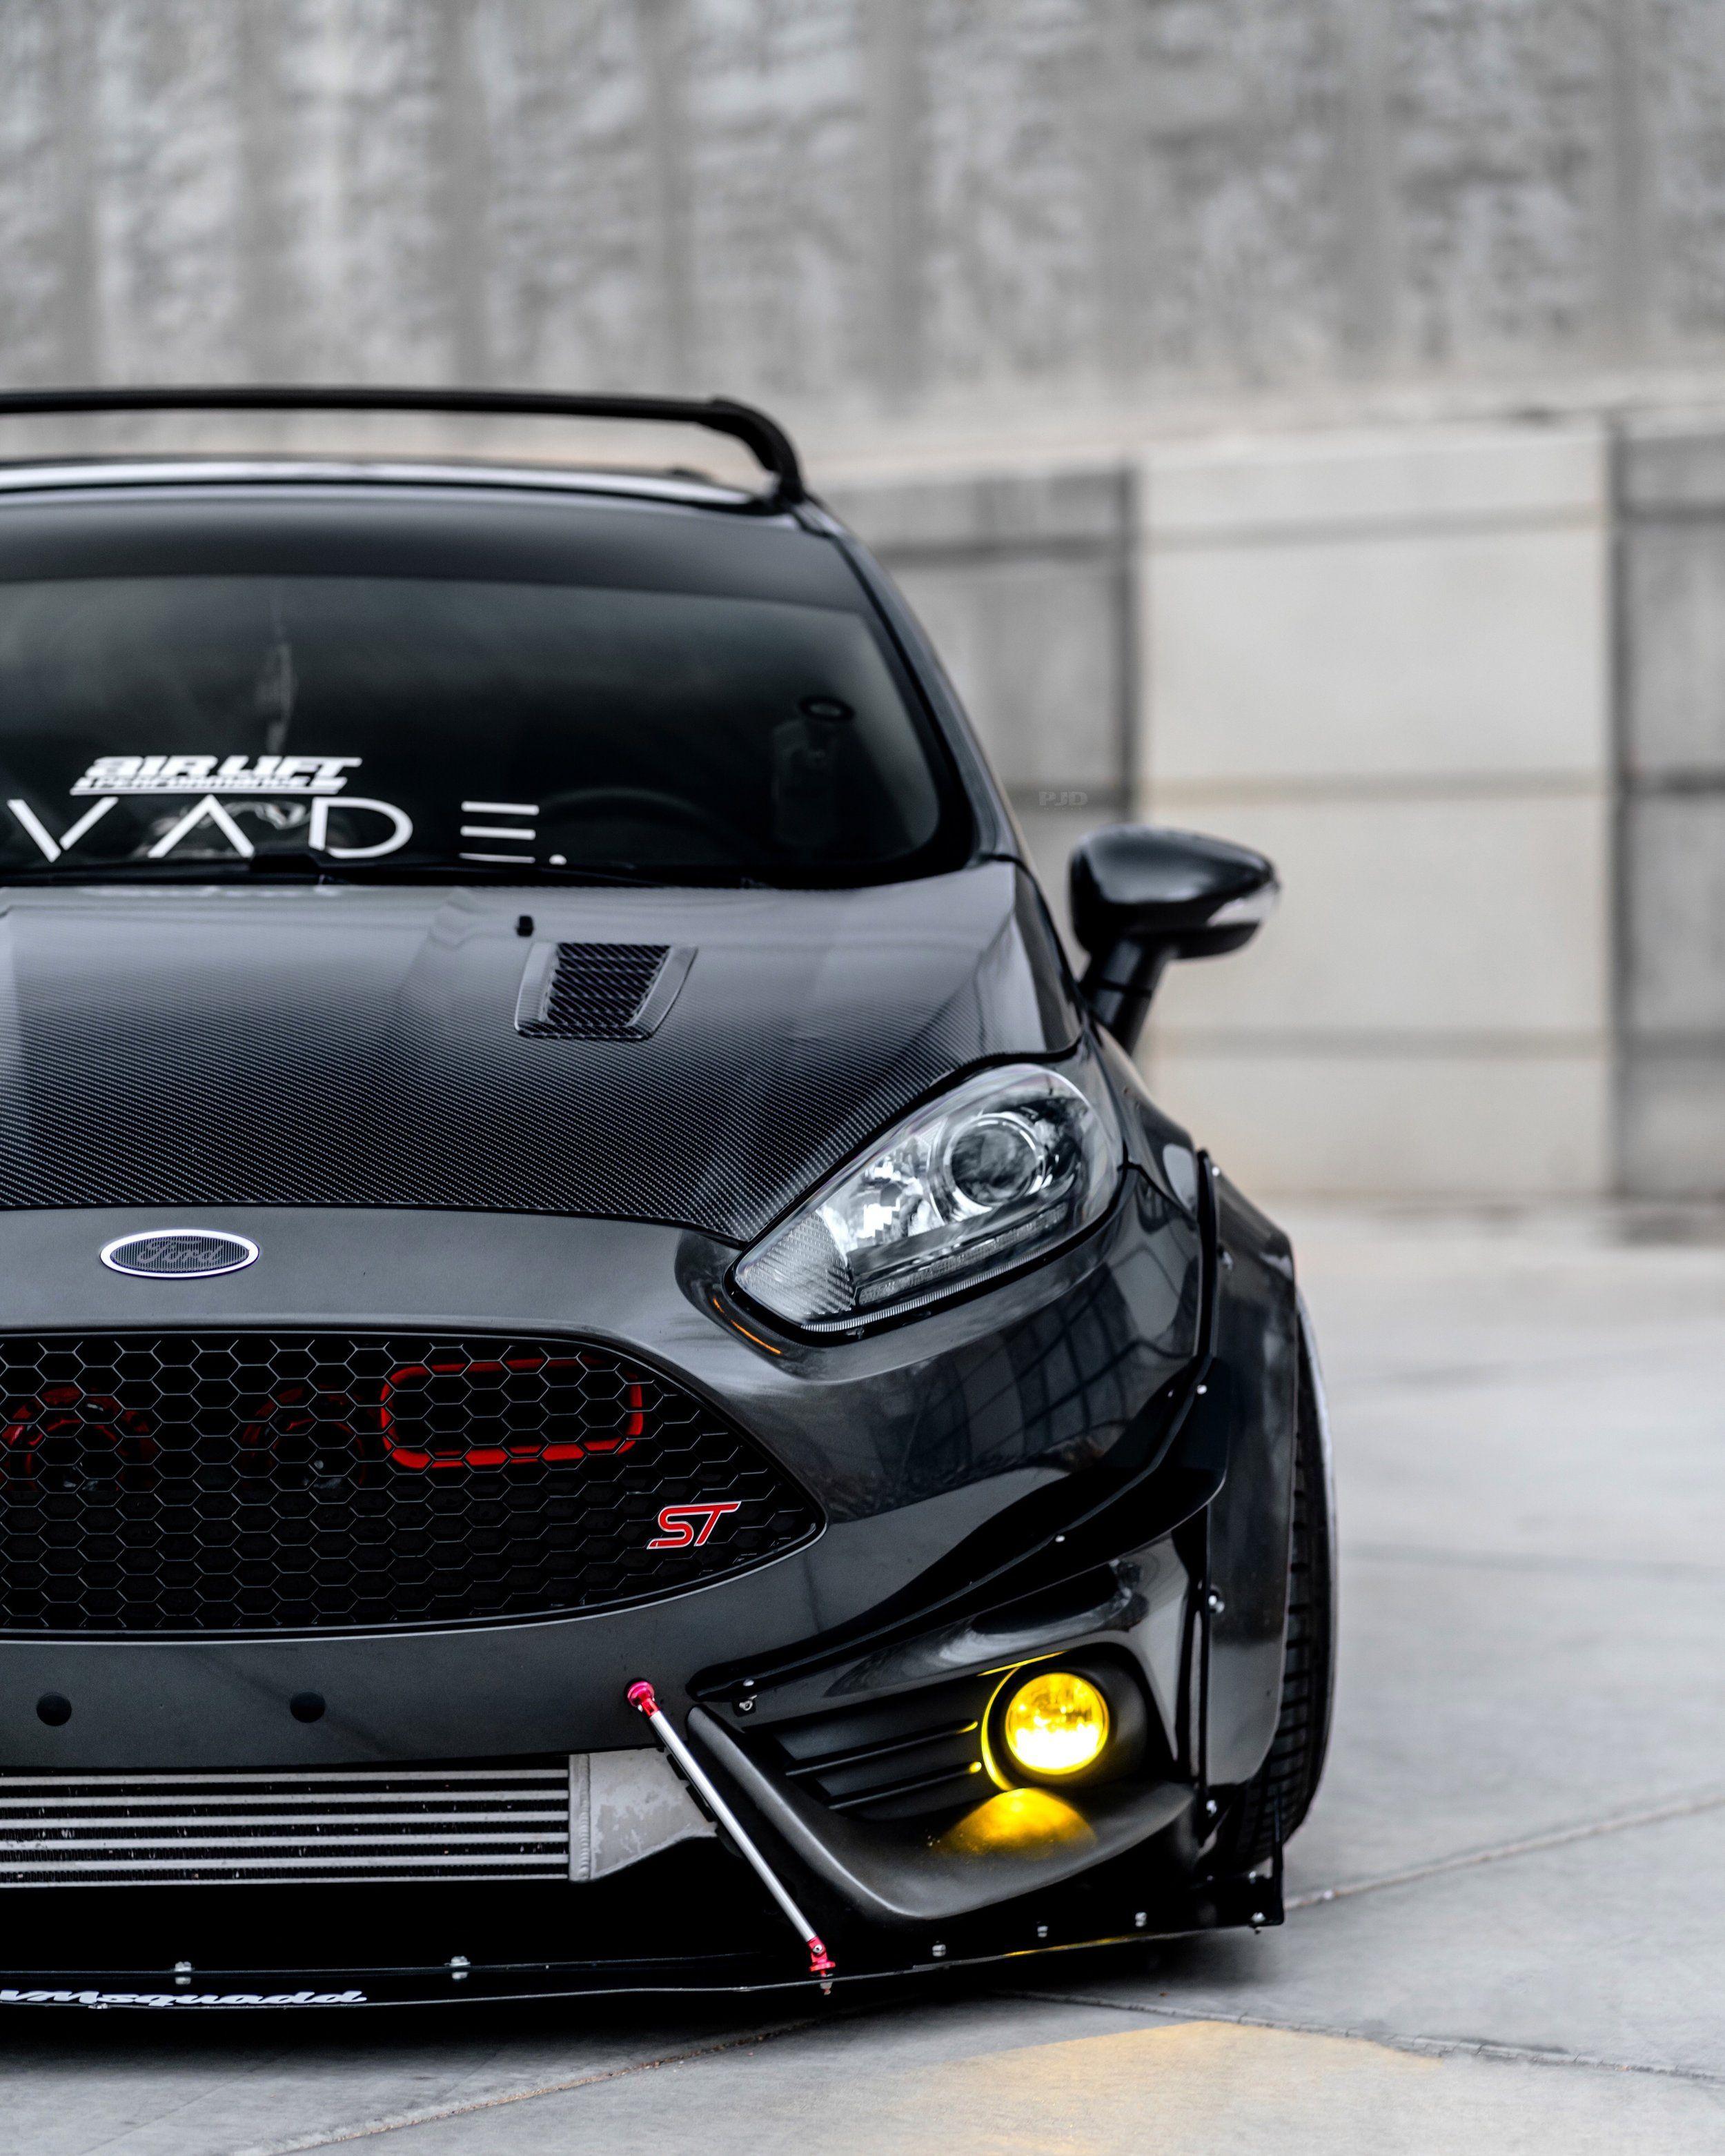 Ford Focus Rs Wide Body Kit : focus, Focus, Ideas, Focus,